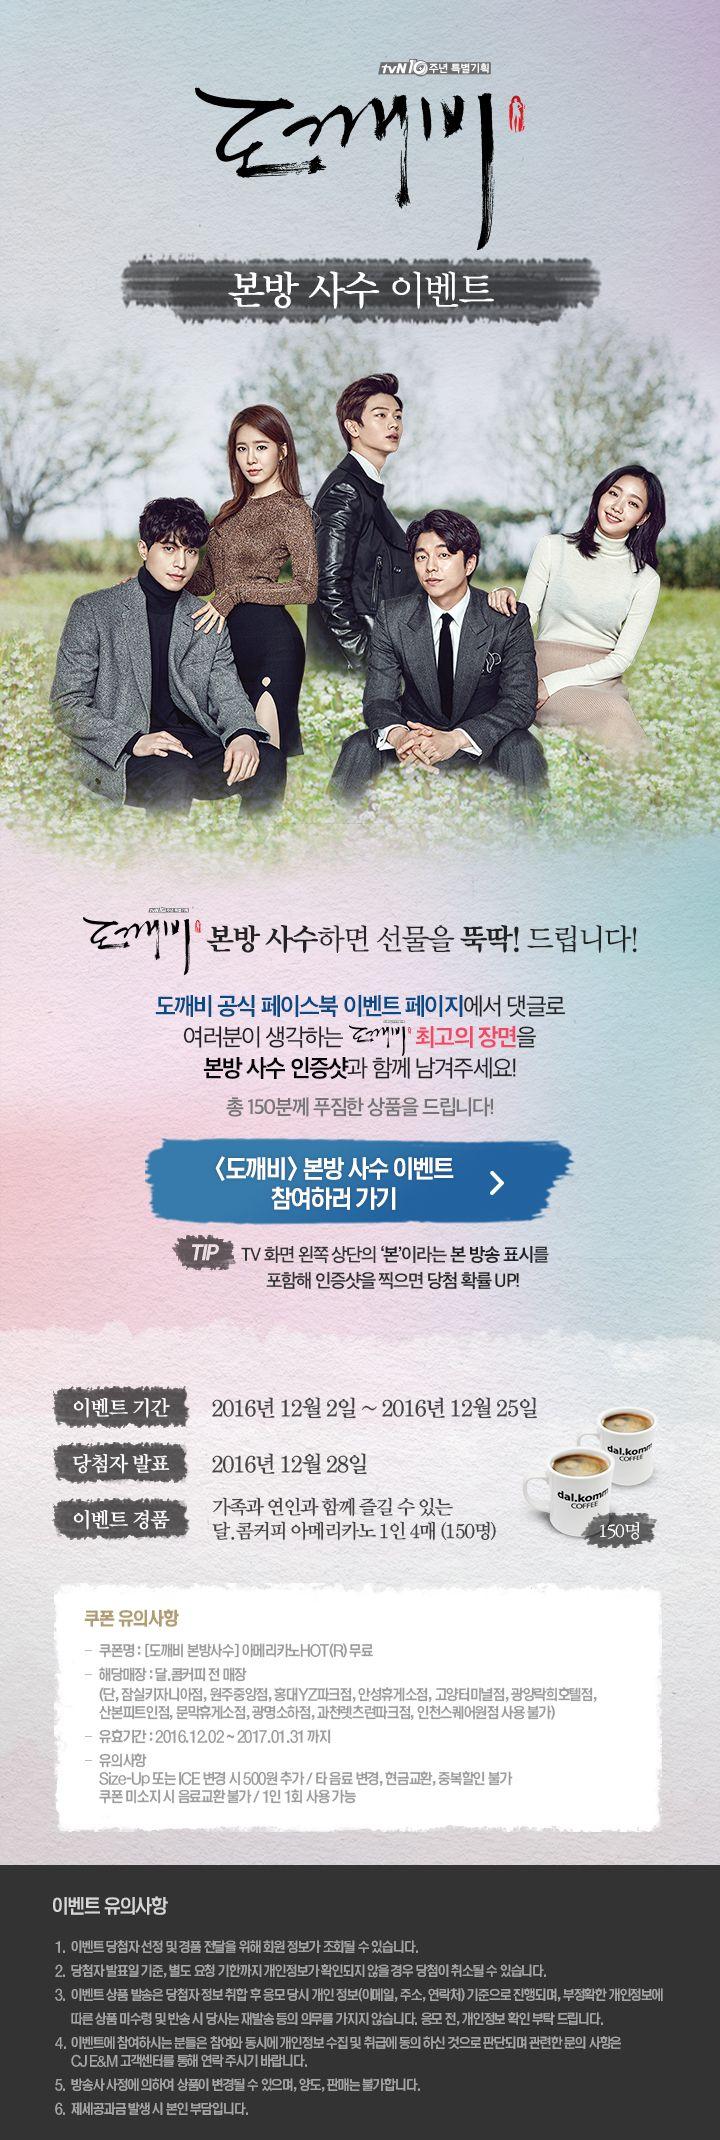 tvN <도깨비> 이벤트